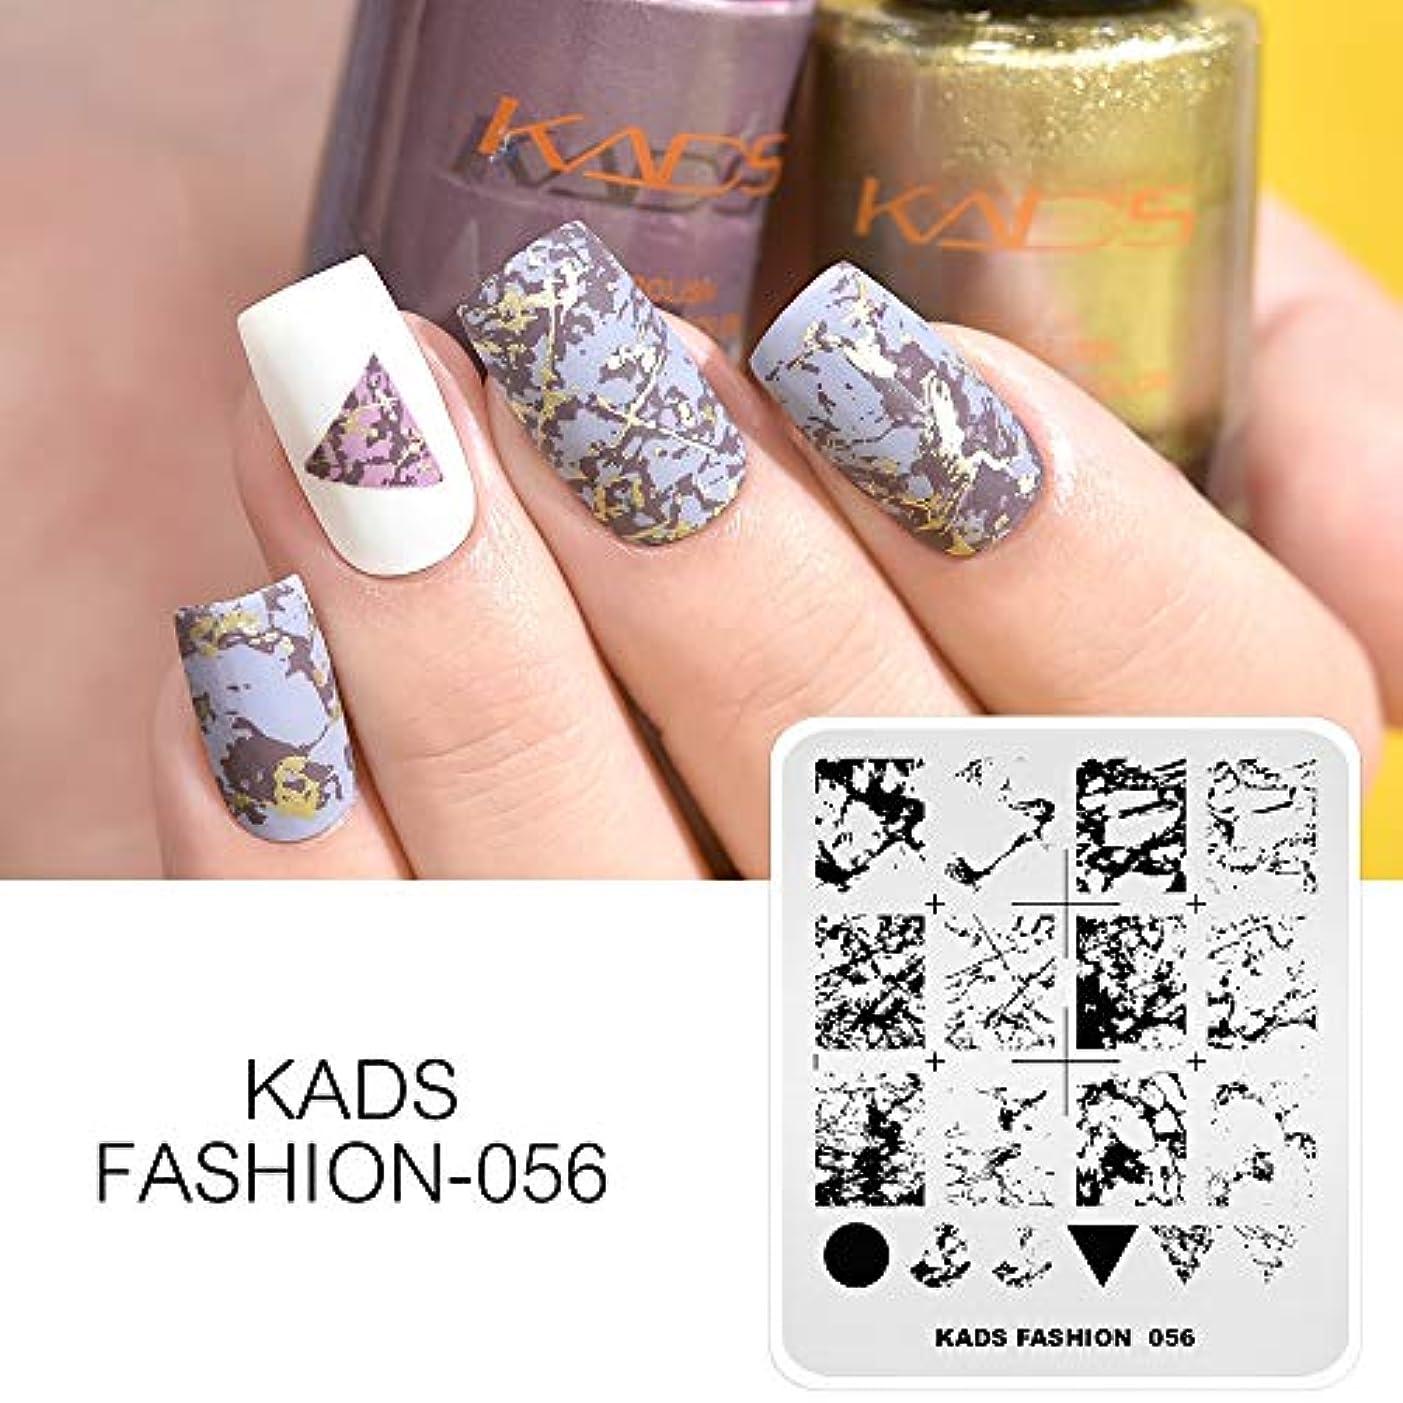 滞在換気する減少KADS ネイルプレート スタンププレート ファッションスタイル 不規則図案 マニキュア道具 ネイルイメージプレート ネイルアートツール (FA056)